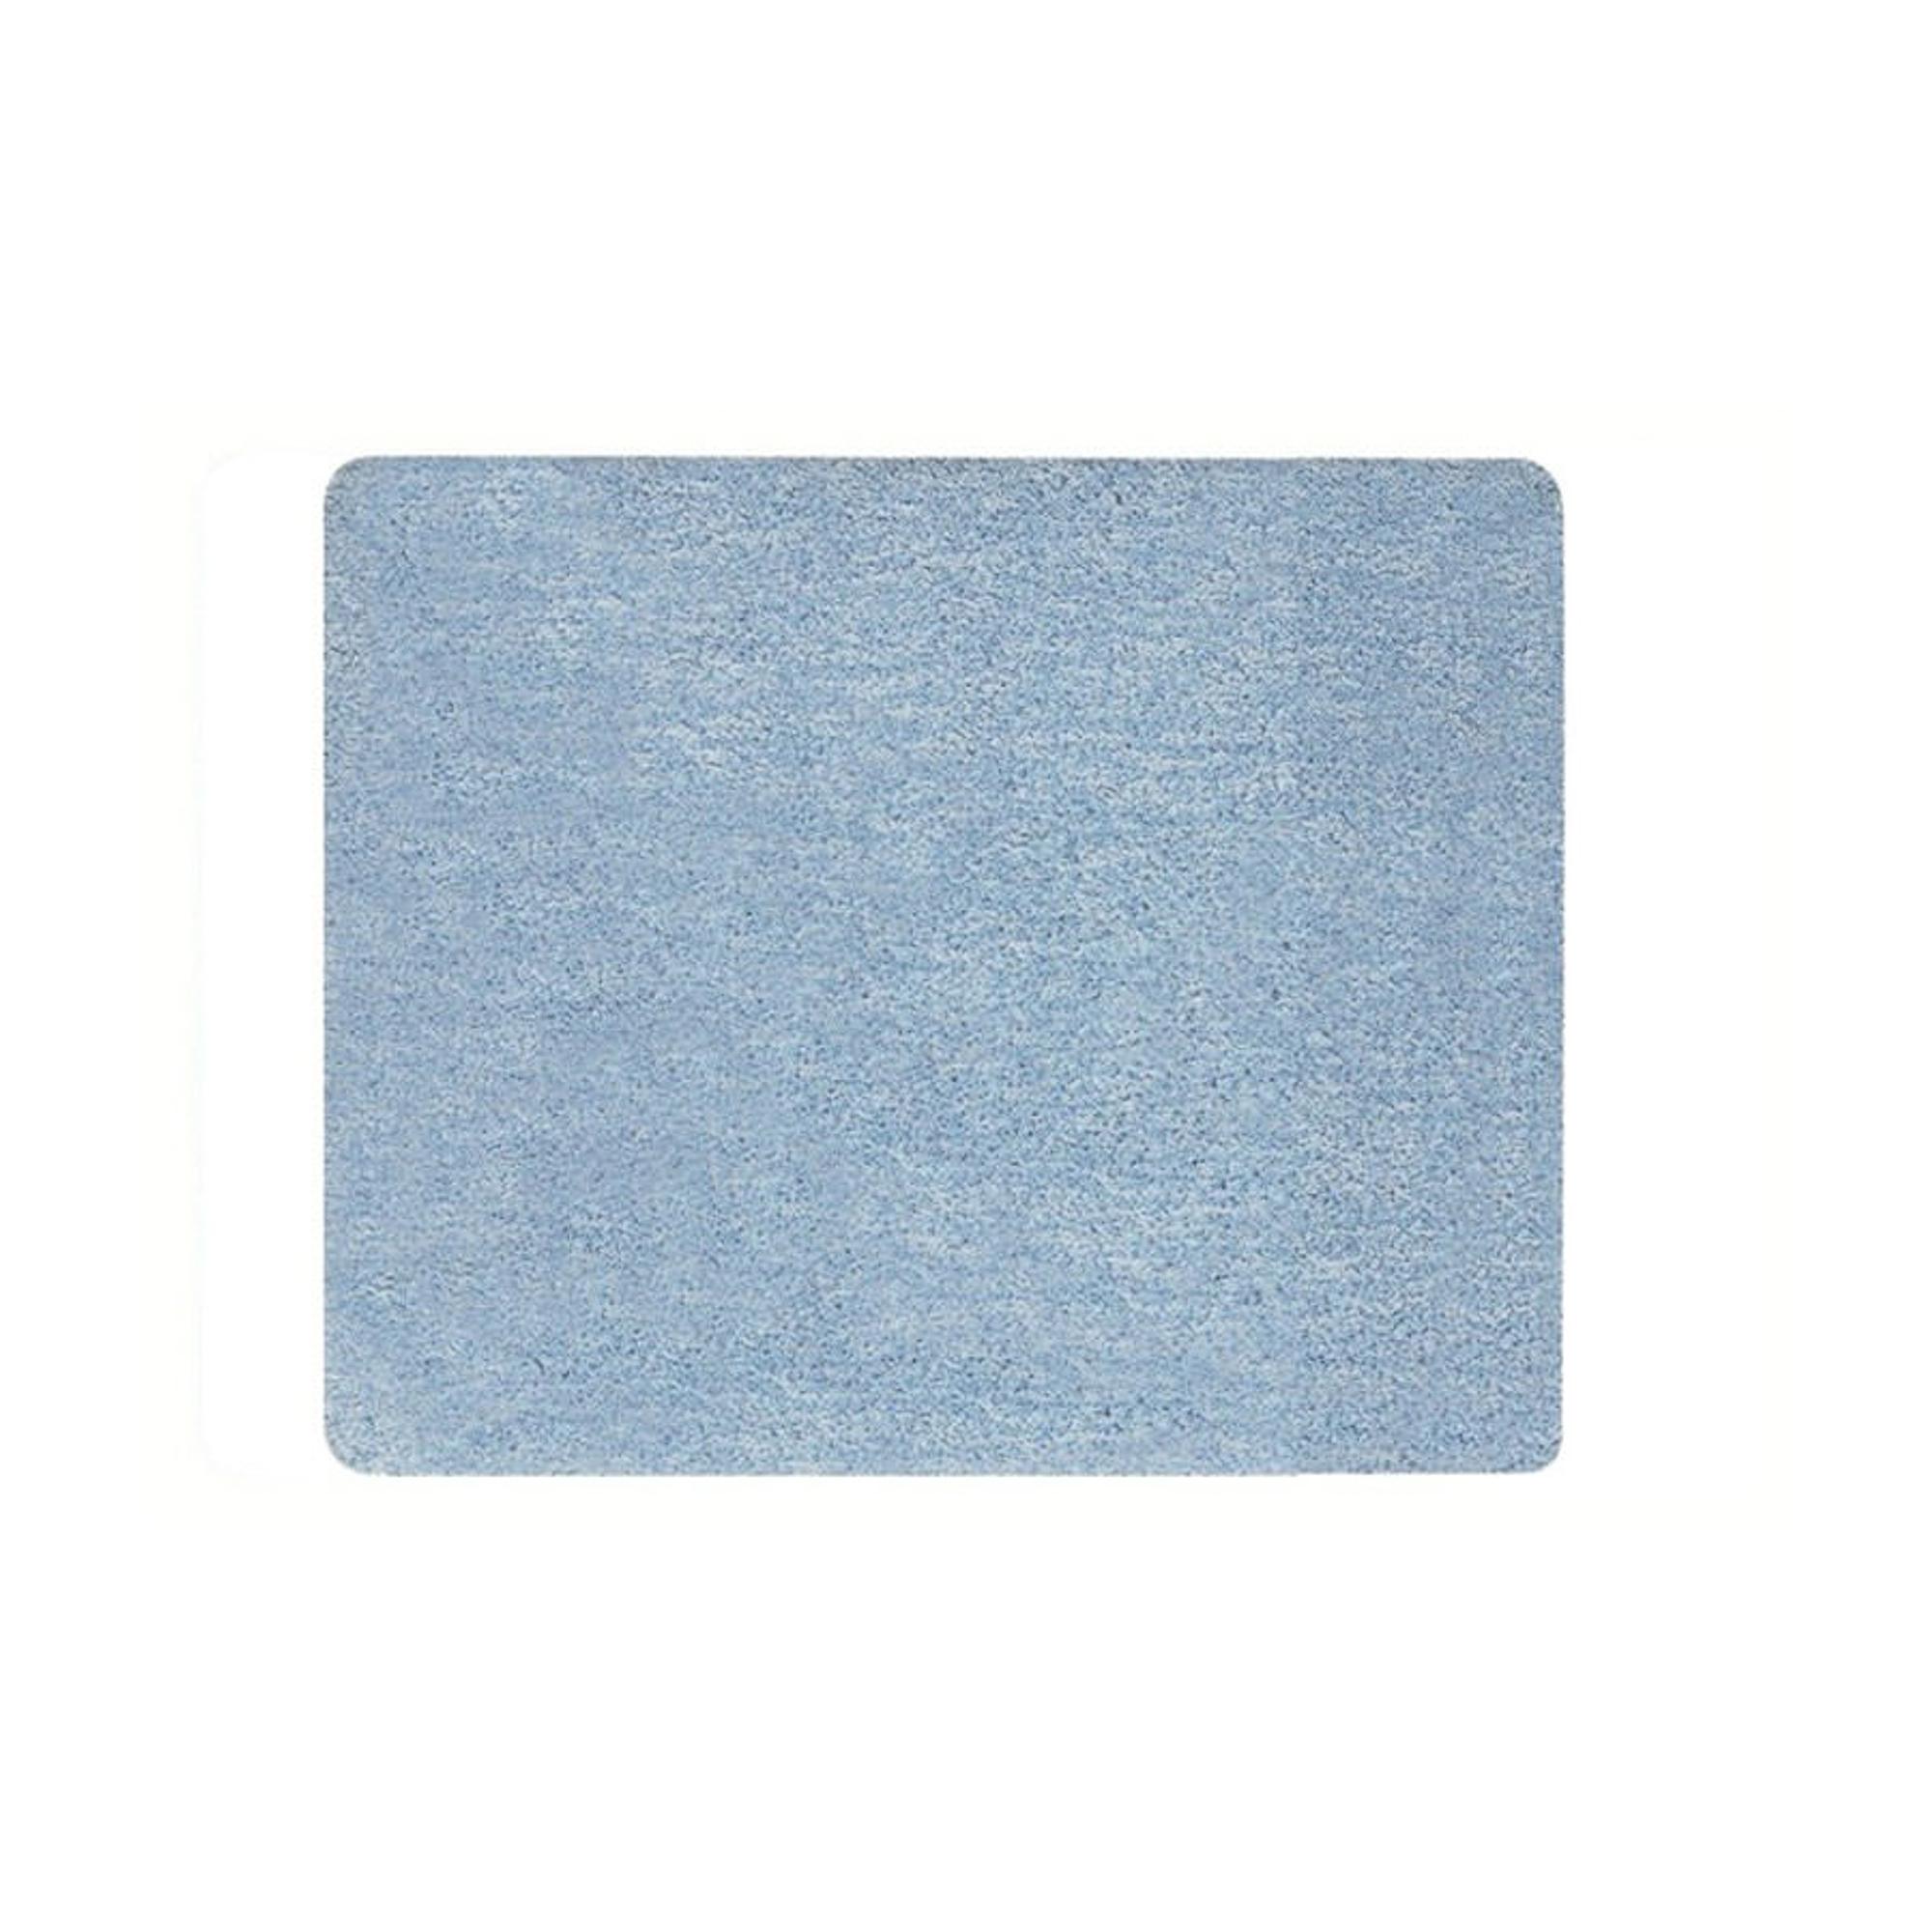 jiangnan лист коврики нескользящей коврик для ванной большой коврик для ванной 43 91см светло голубой Коврик для ванной Spirella Gobi светло-голубой 55х65 см